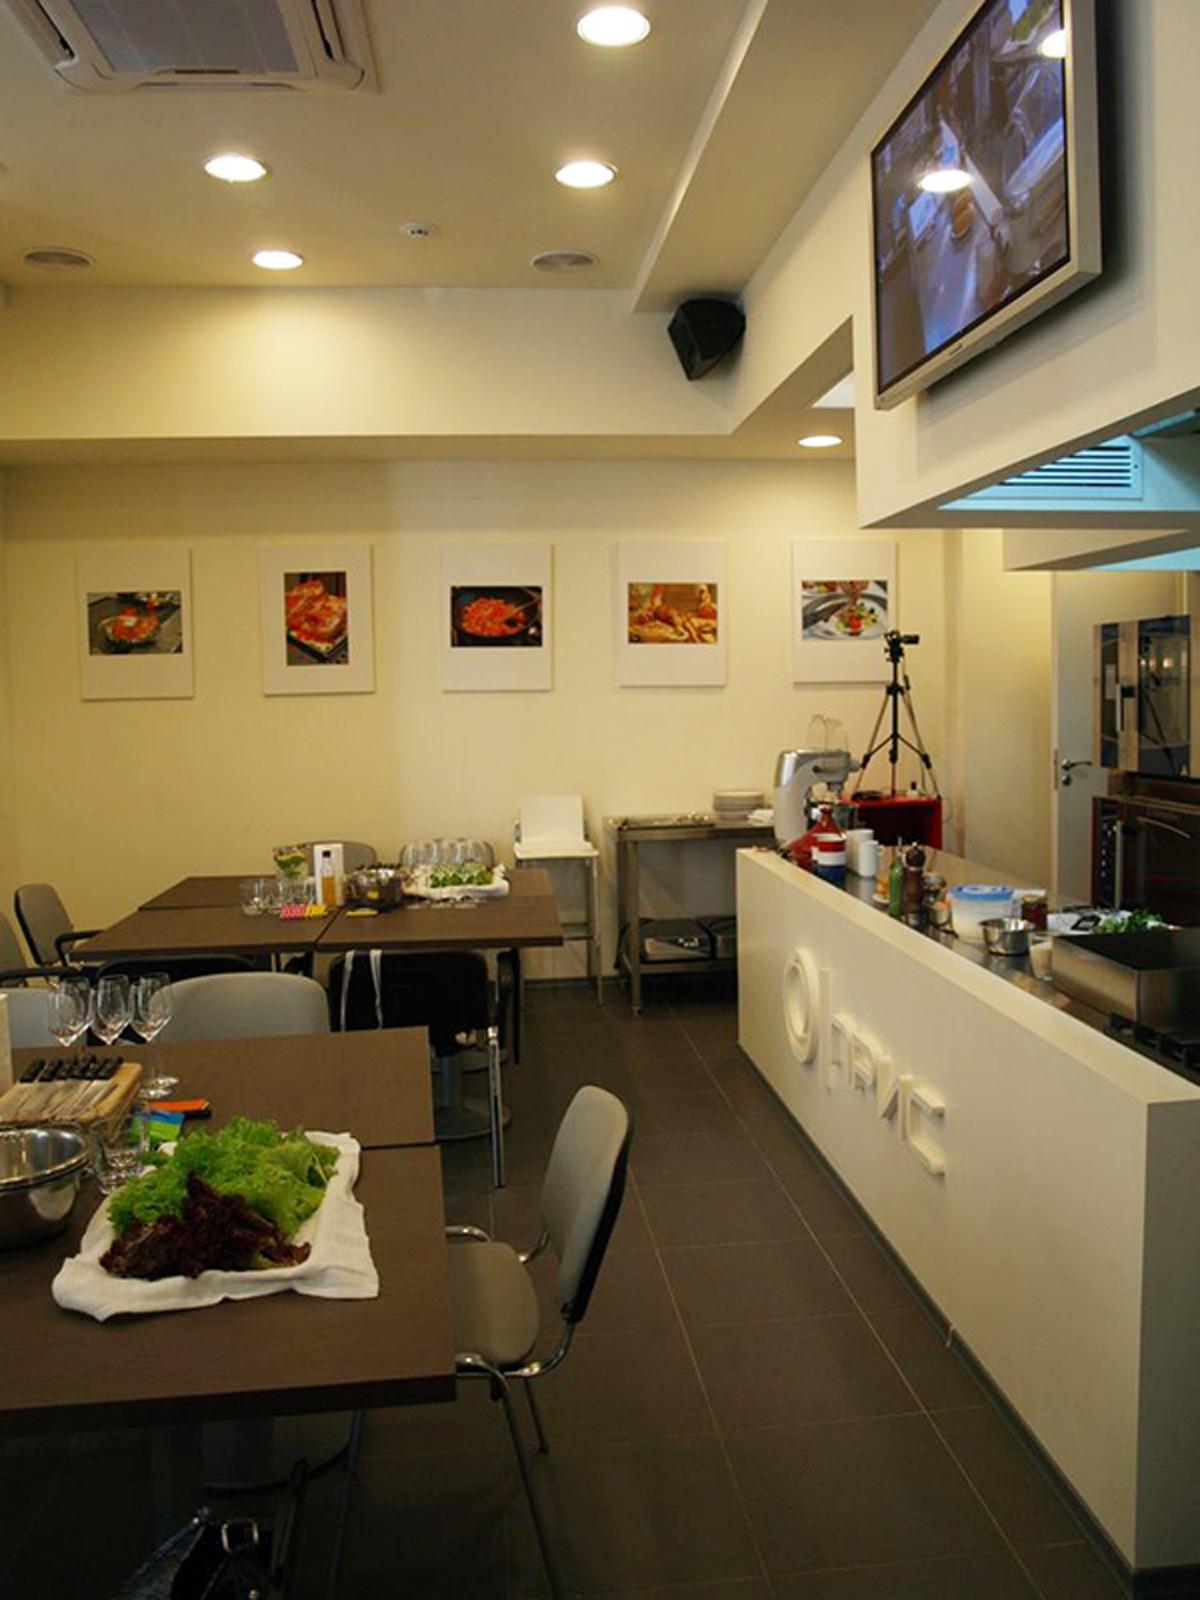 Кулинарный мастер класс - как приготовить курицу в тажине. Одесский блог Марии Каленской о кулинарии.